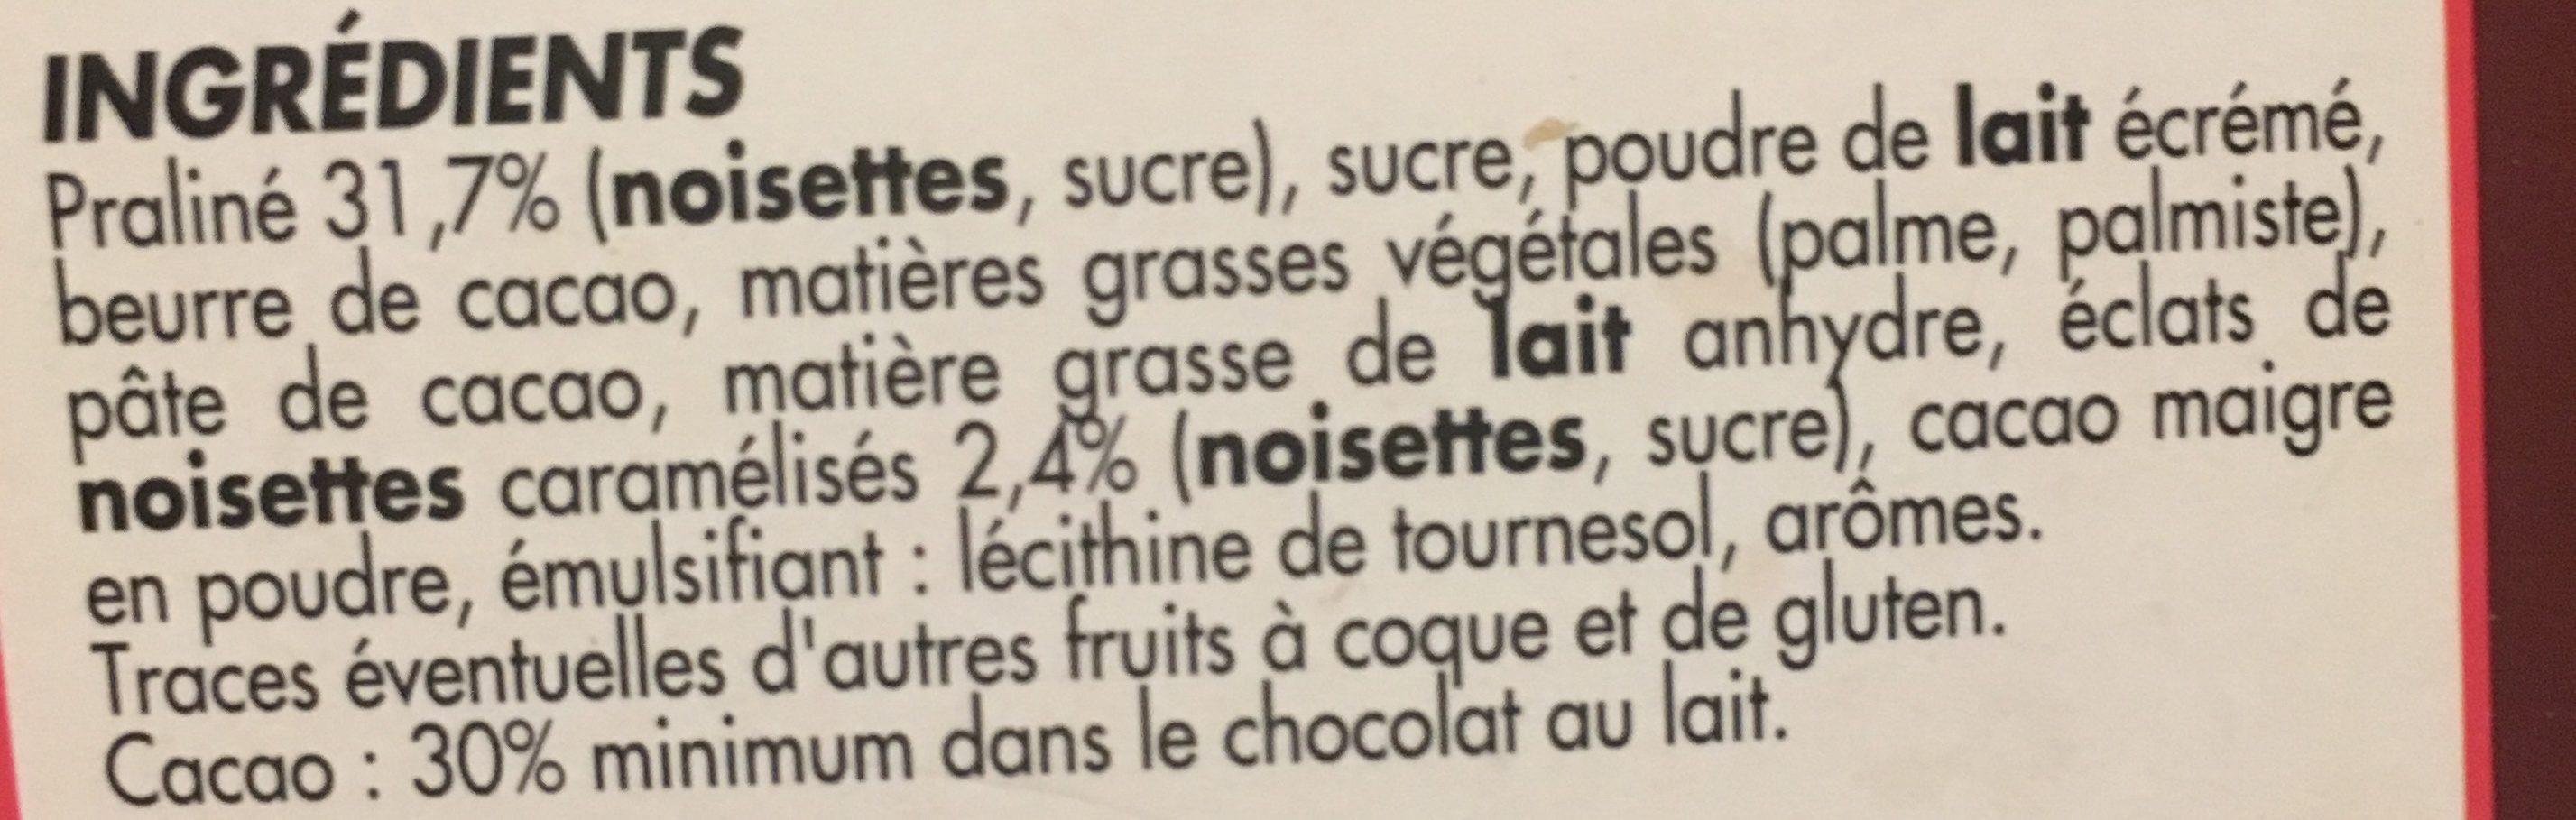 Lait praliné - Ingredients - fr